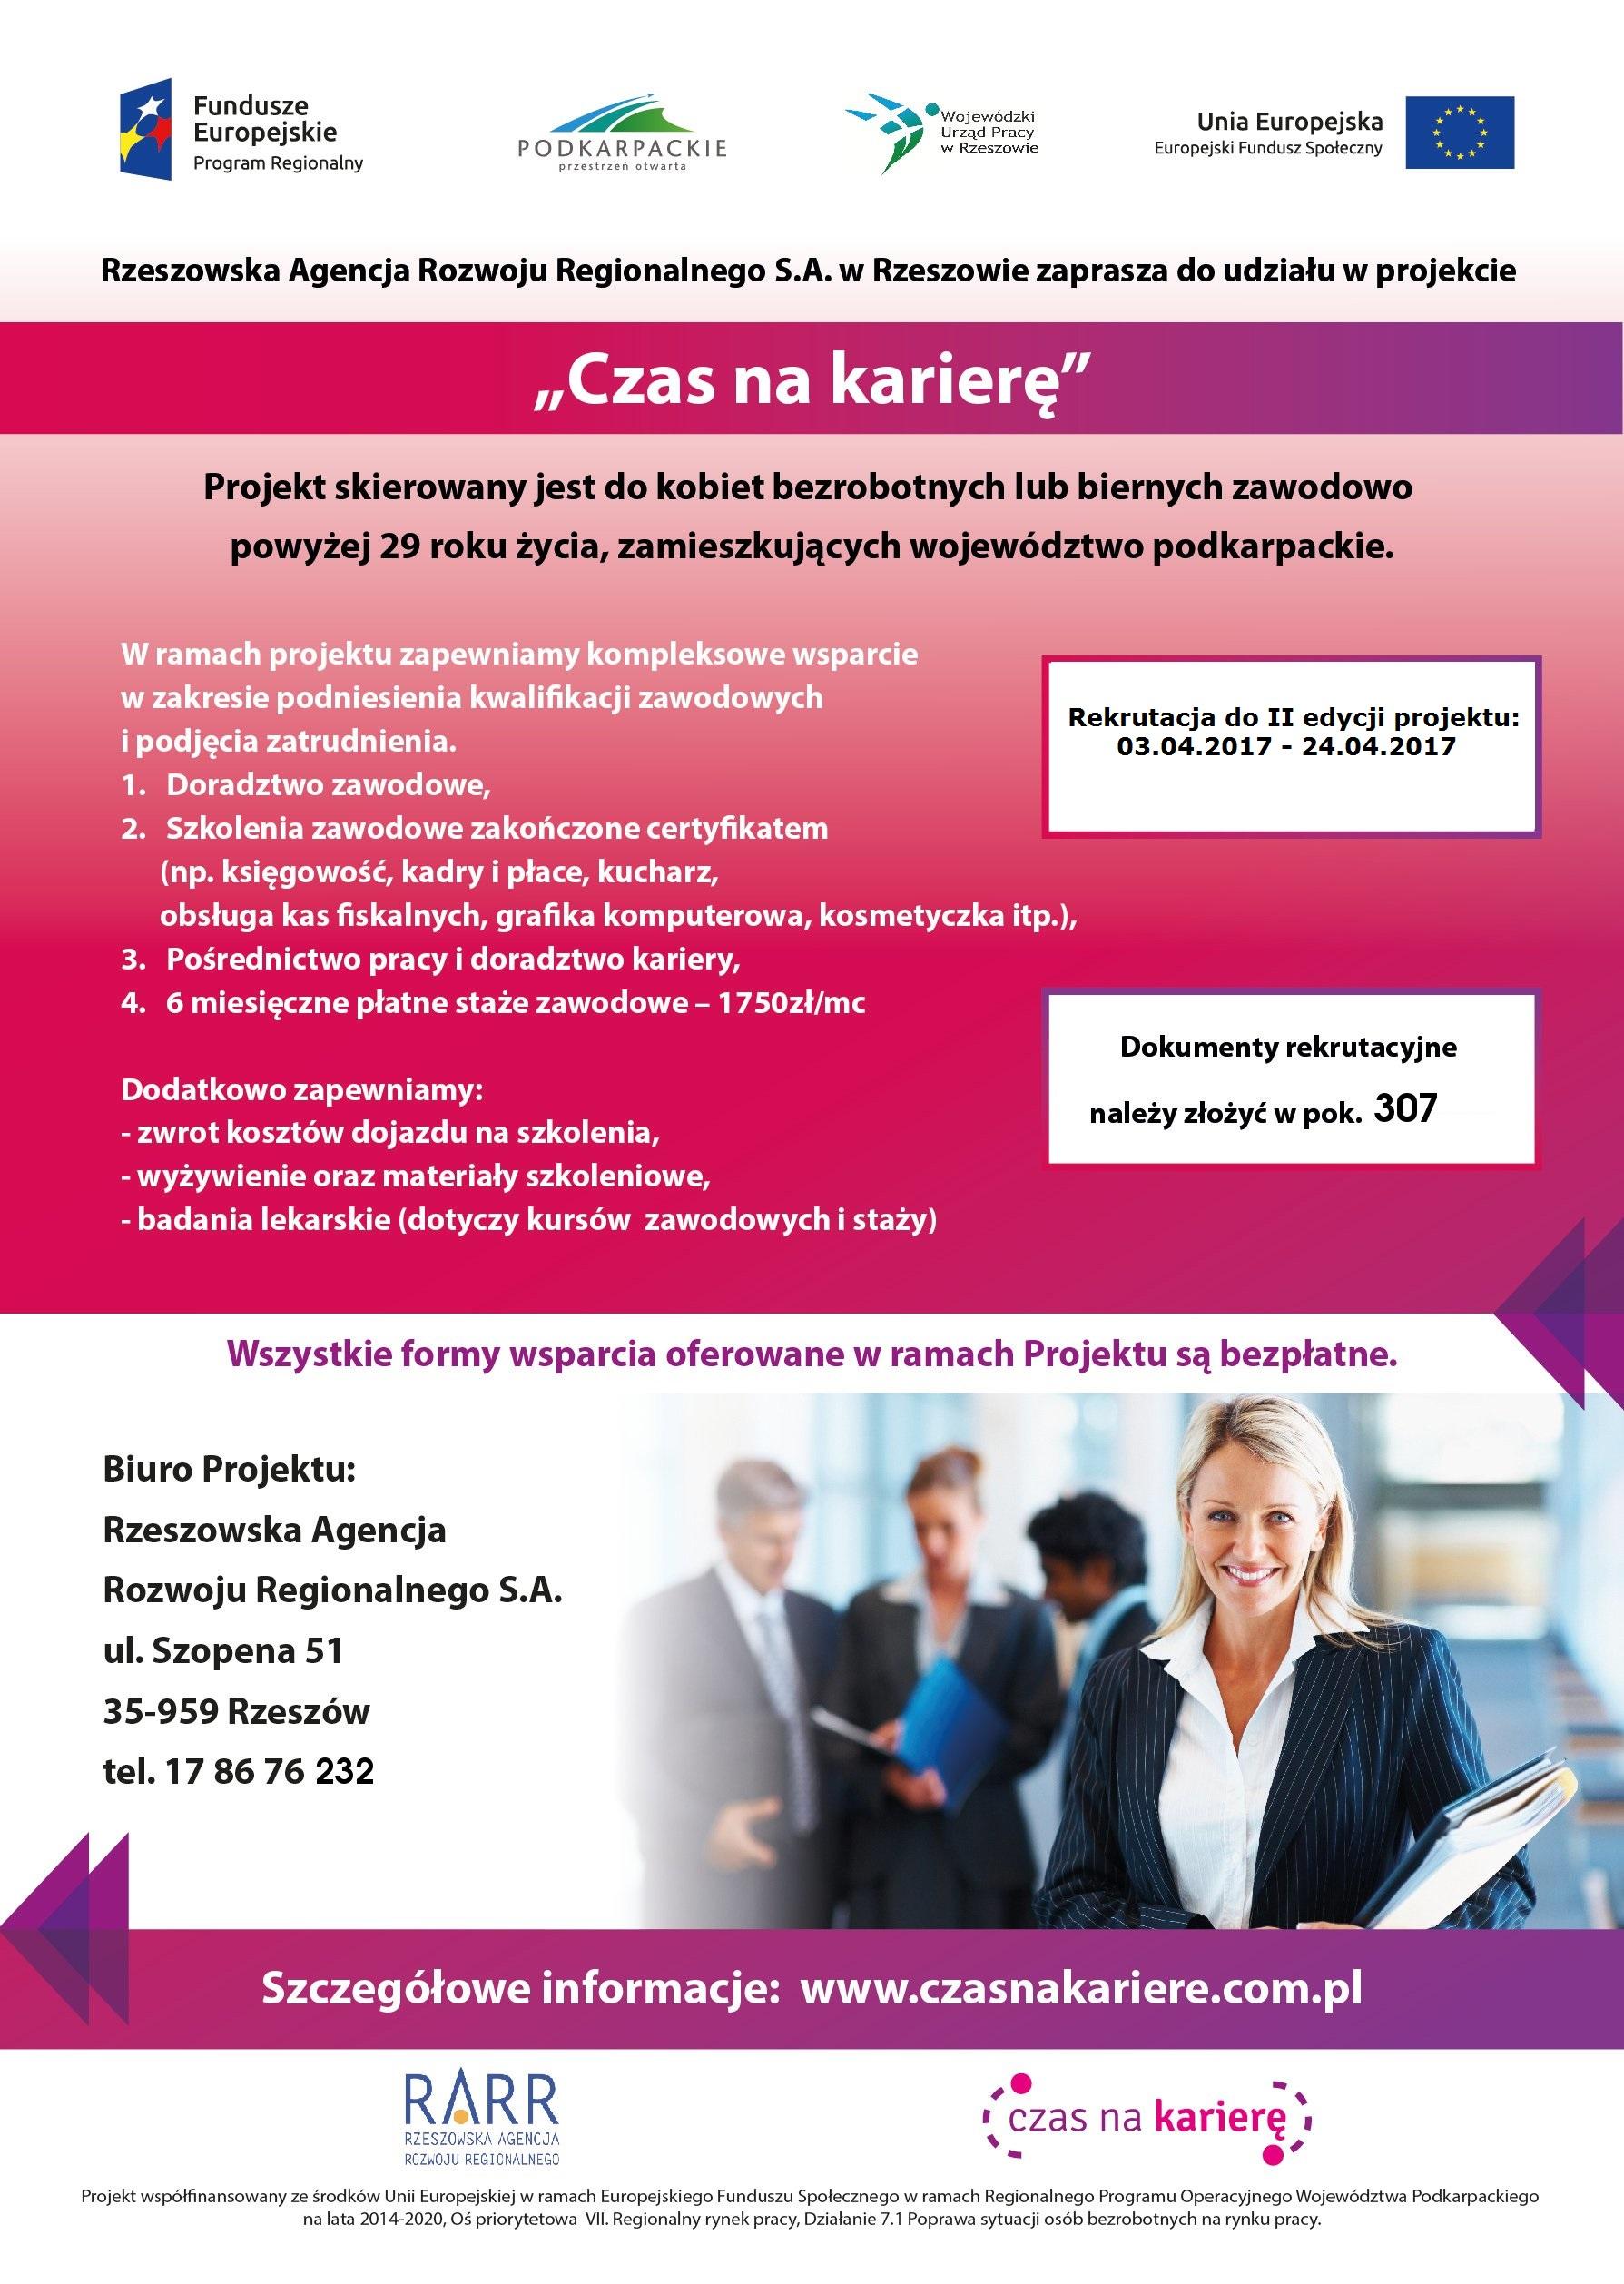 - plakat_czas_na_kariere_rekrutacja_ii_edycja.jpg